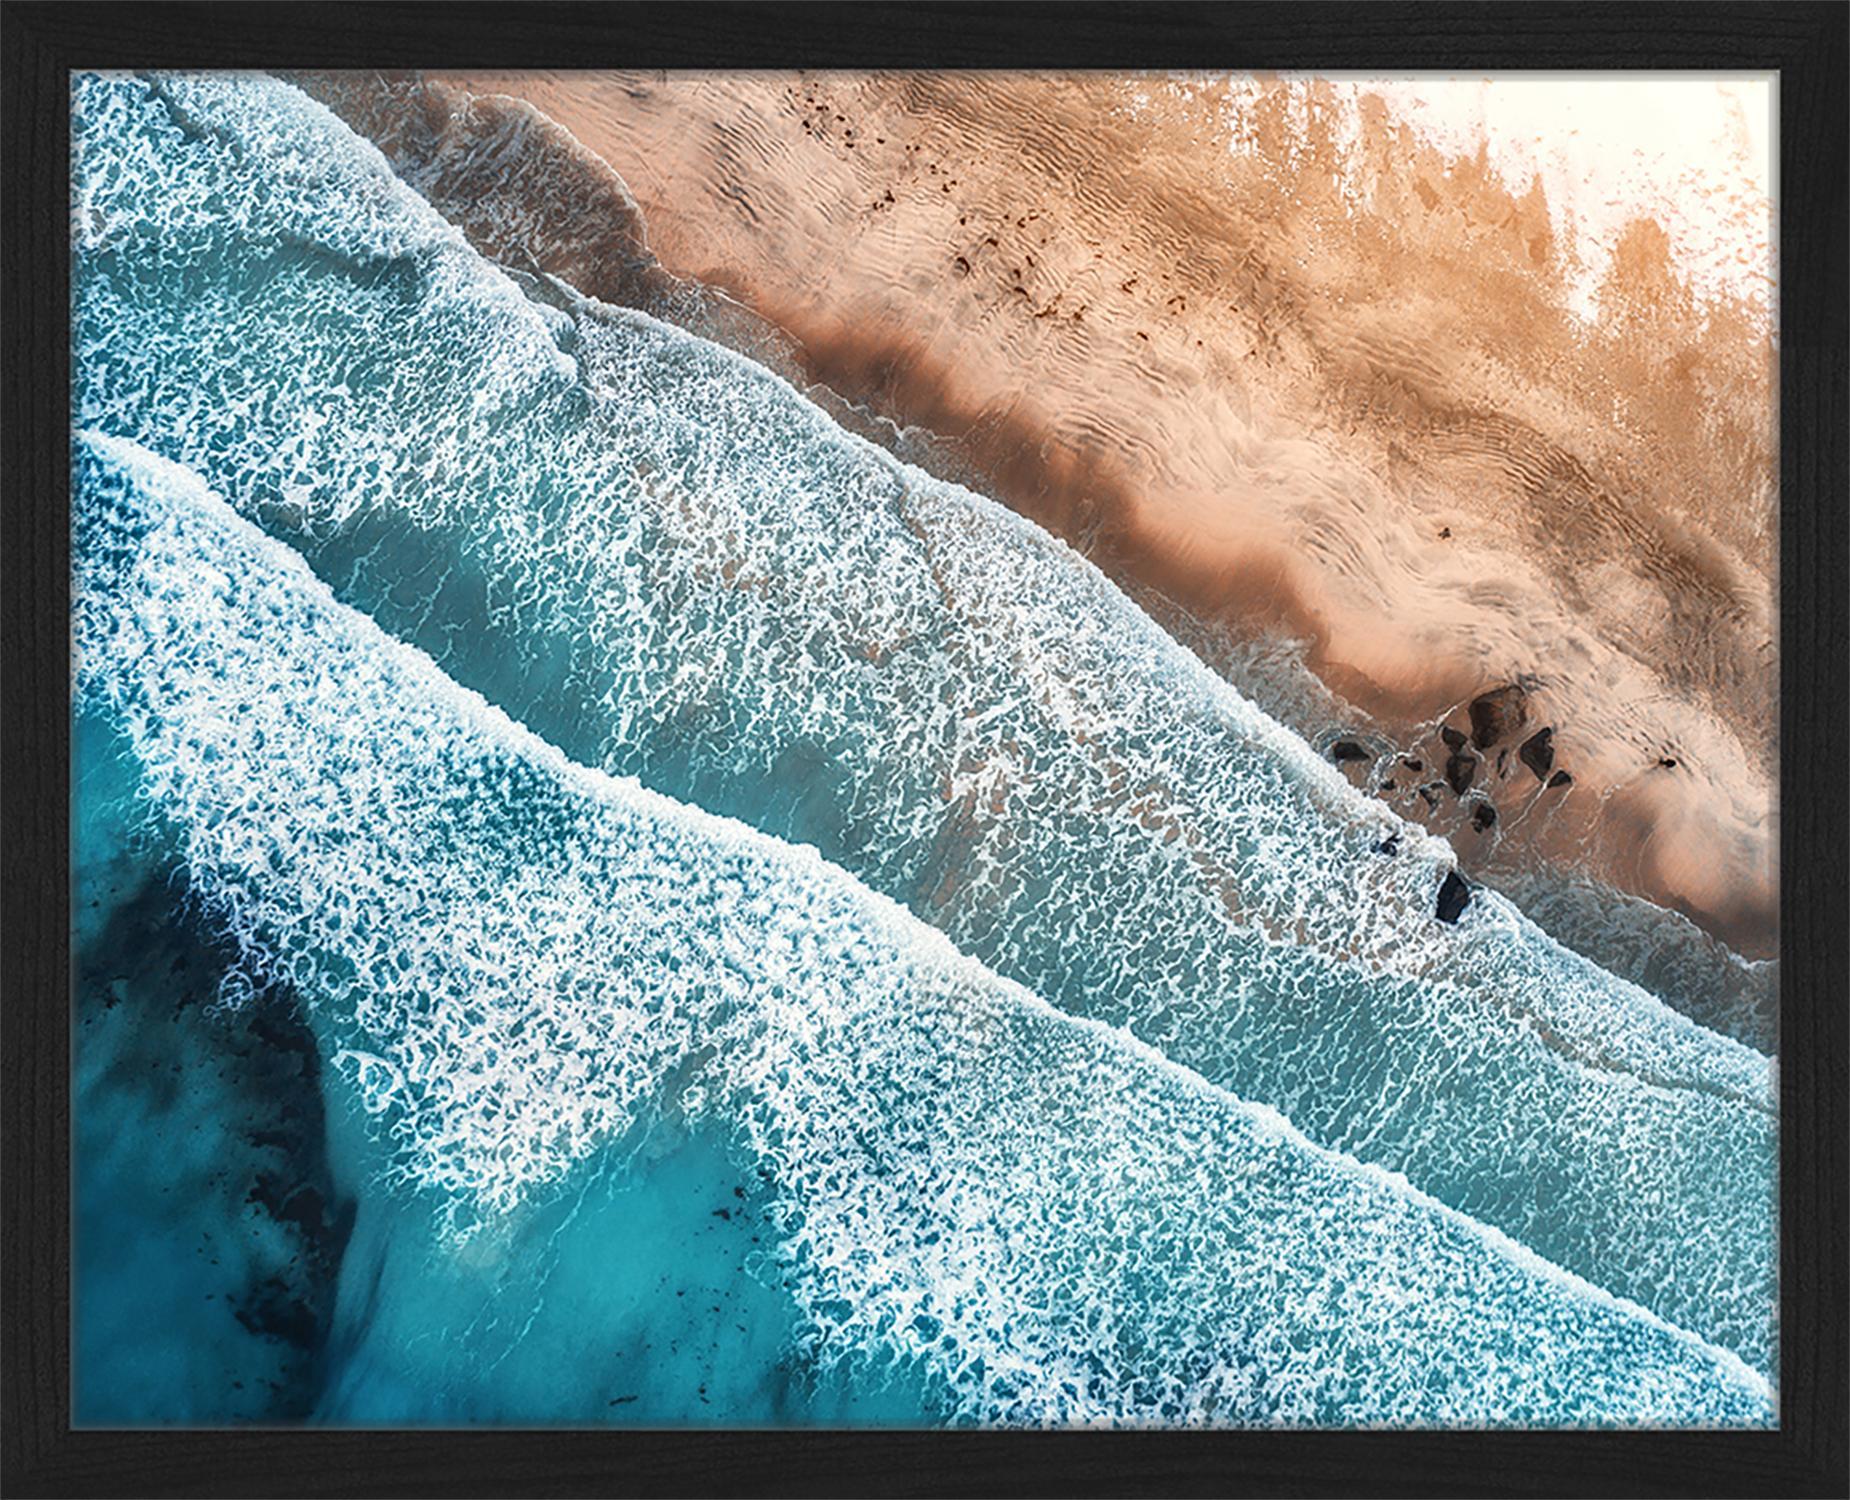 Gerahmter Digitaldruck Aerial View Of Mediterranean Sea, Bild: Digitaldruck auf Papier, , Rahmen: Holz, lackiert, Front: Plexiglas, Mehrfarbig, 53 x 43 cm